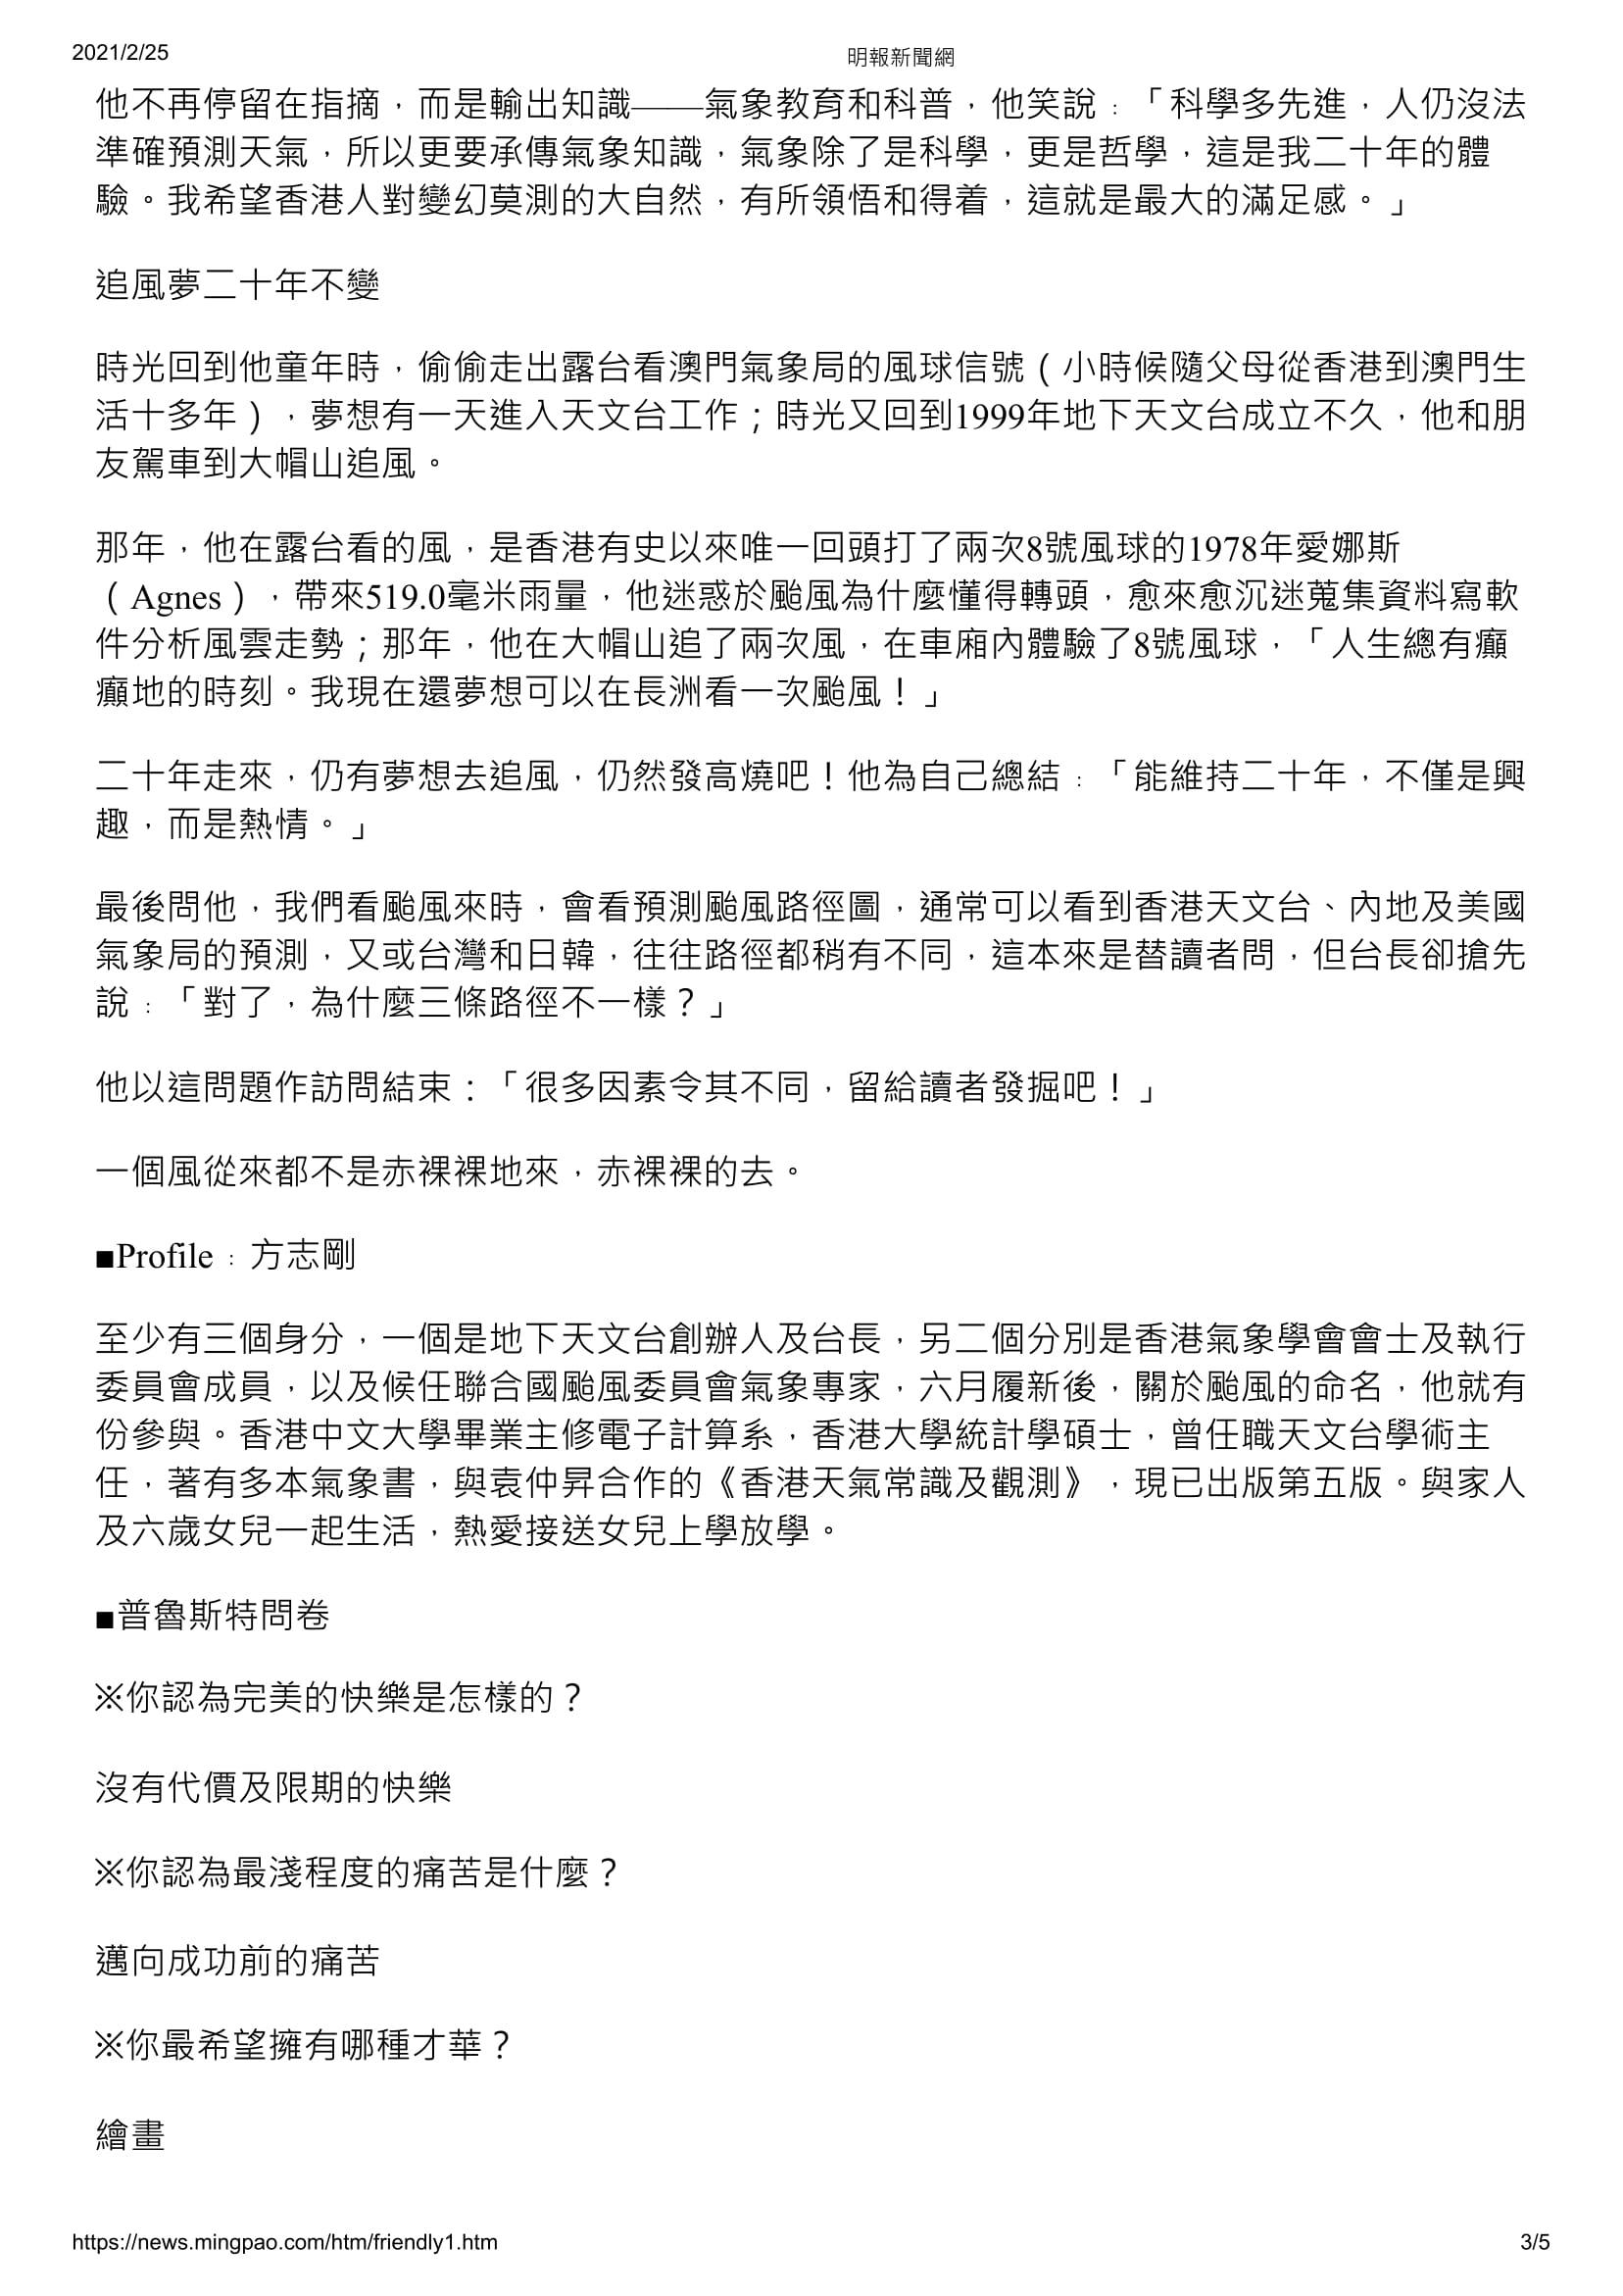 方志剛-明報2015年5月20日-3